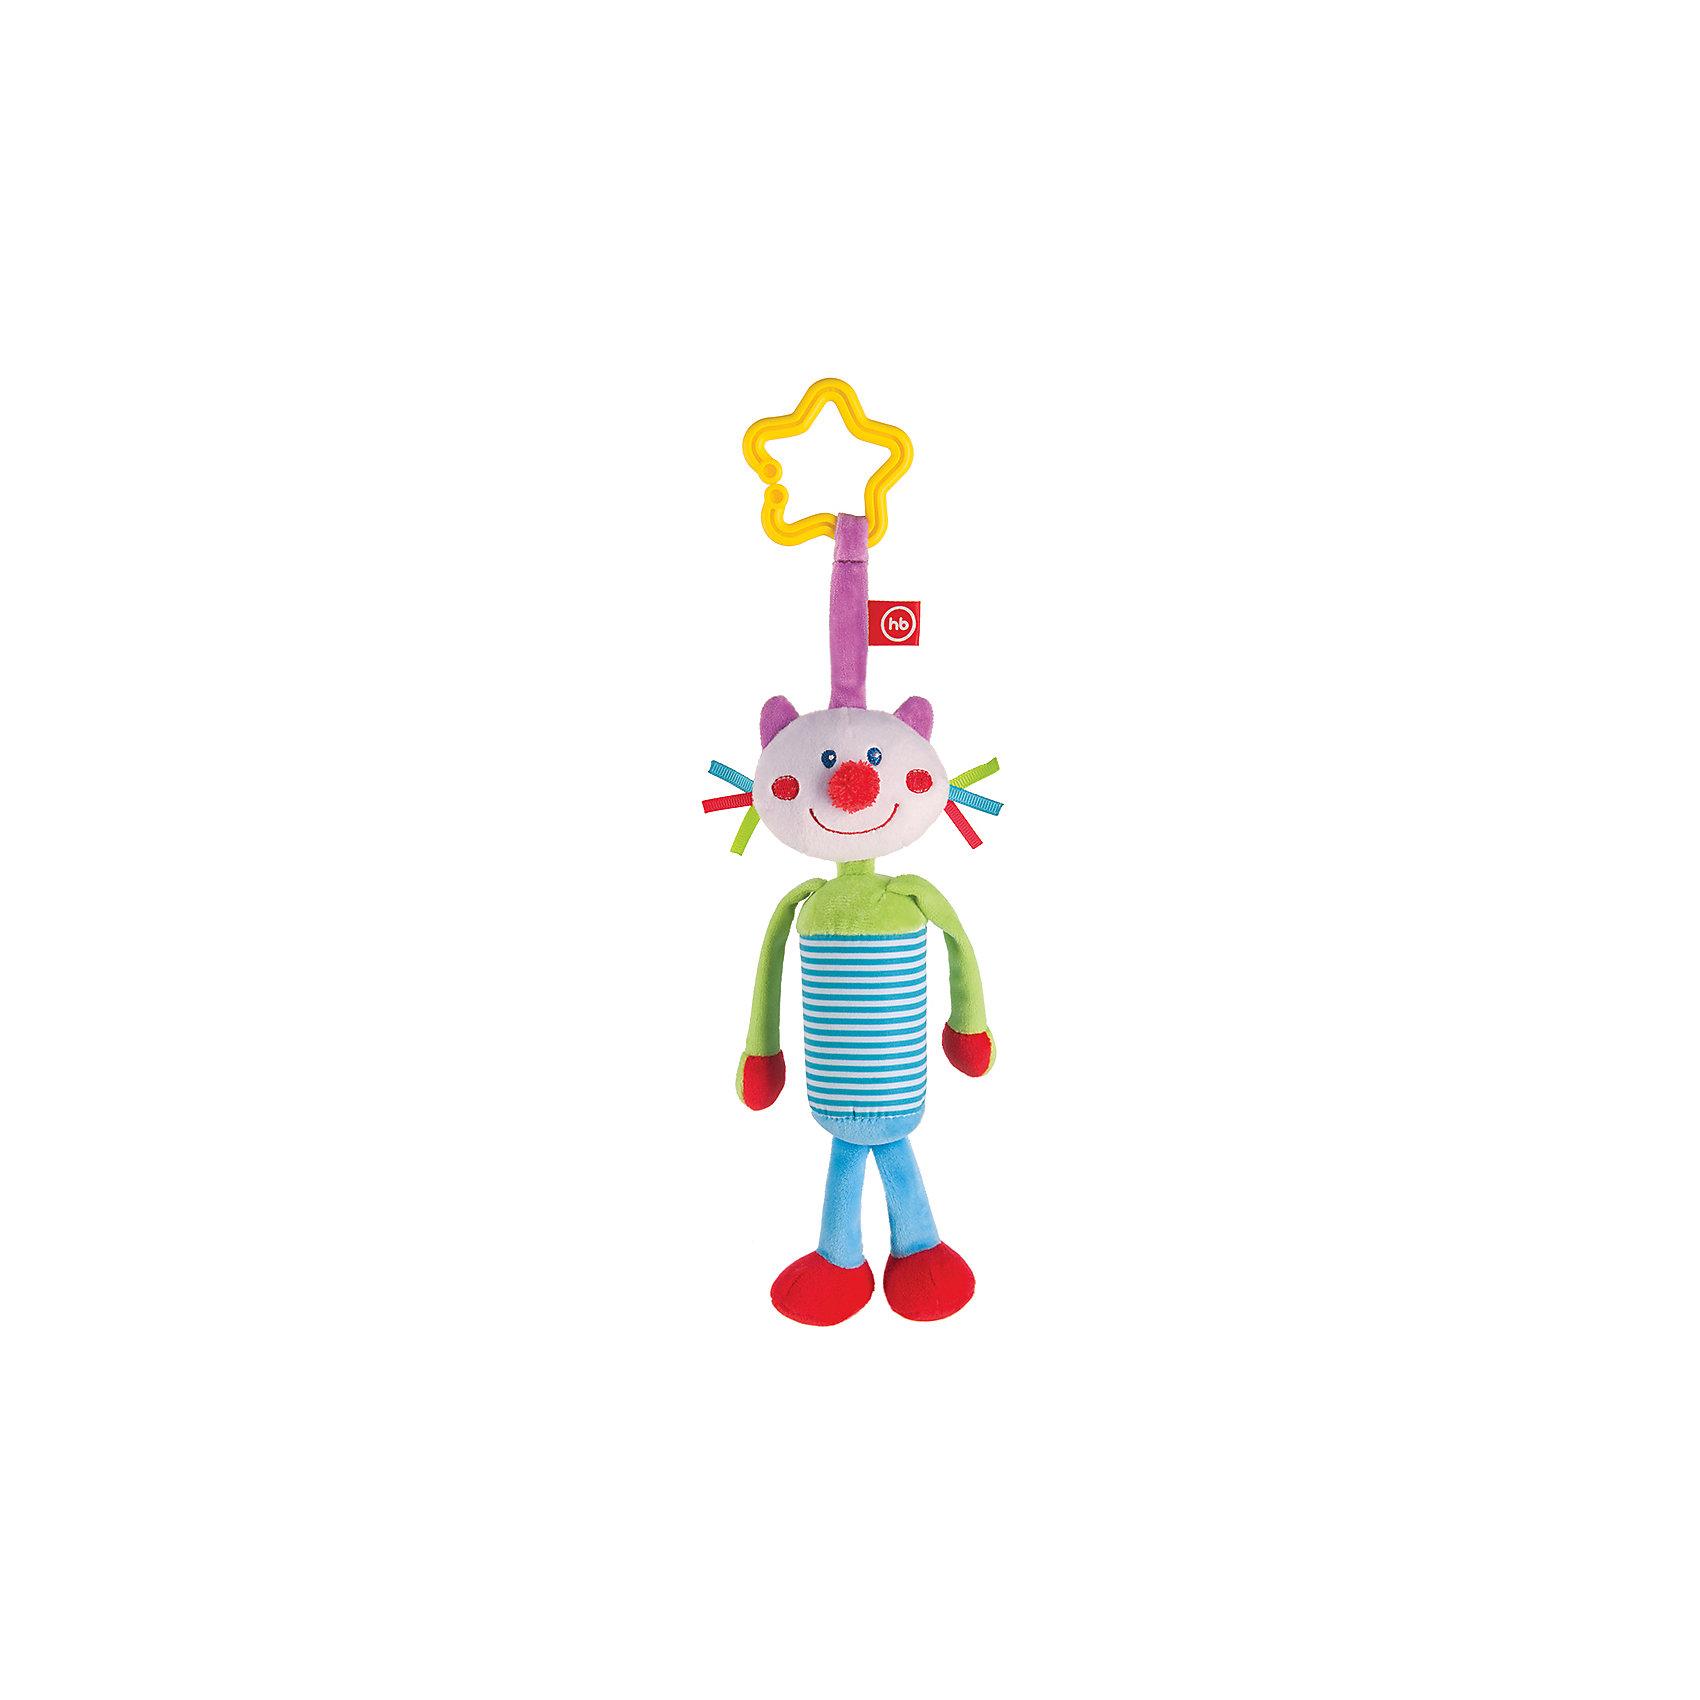 Развивающая игрушка Колокольчик Perky Kitty, Happy BabyРазвивающие игрушки<br>Характеристики:<br><br>• Вид игр: развивающие, обучающие<br>• Материал: полиэстер, хлопок<br>• Тип крепления: кольцо<br>• Универсальный размер<br>• Вес: 840 г<br>• Параметры (Д*Ш*В): 5*12*27,5 см <br>• Особенности ухода: влажная и сухая чистка<br><br>Развивающая игрушка Колокольчик Perky Kitty, Happy Baby выполнена в виде очаровательного кота с длинными лапками. Внутри туловища котика имеется колокольчик, который при потрясывании игрушки издает мягкие    звуки. Детали у кота имеют разную фактуру и цвет, что важно для развития тактильных ощущений. Игры с такой   игрушкой будут способствовать зрительному и слуховому восприятию, координации движений, будут развивать мелкую моторику рук и эмоциональную сферу ребенка.   <br><br>Развивающую игрушку Колокольчик Perky Kitty, Happy Baby можно купить в нашем интернет-магазине.<br><br>Ширина мм: 4<br>Глубина мм: 120<br>Высота мм: 275<br>Вес г: 840<br>Возраст от месяцев: 0<br>Возраст до месяцев: 18<br>Пол: Унисекс<br>Возраст: Детский<br>SKU: 5621705